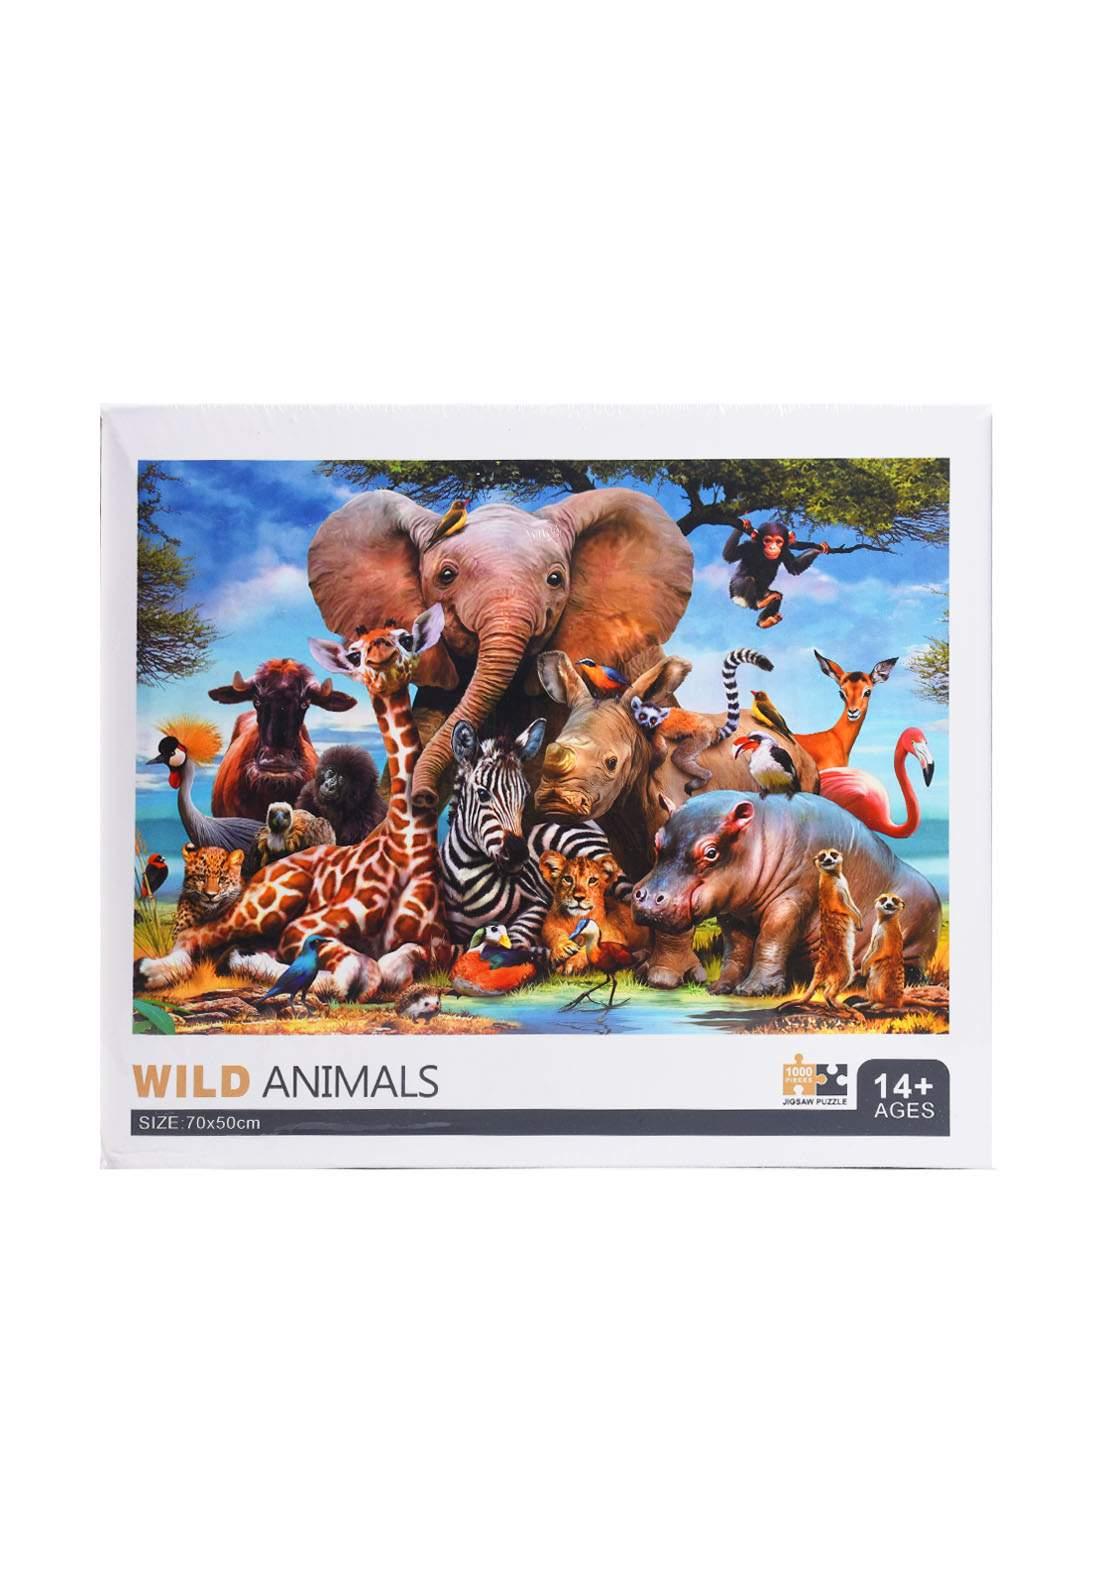 Jigsaw Puzzle Wild Animals 1000Pcs لعبة تركيب القطع بشكل الحيوانات البرية